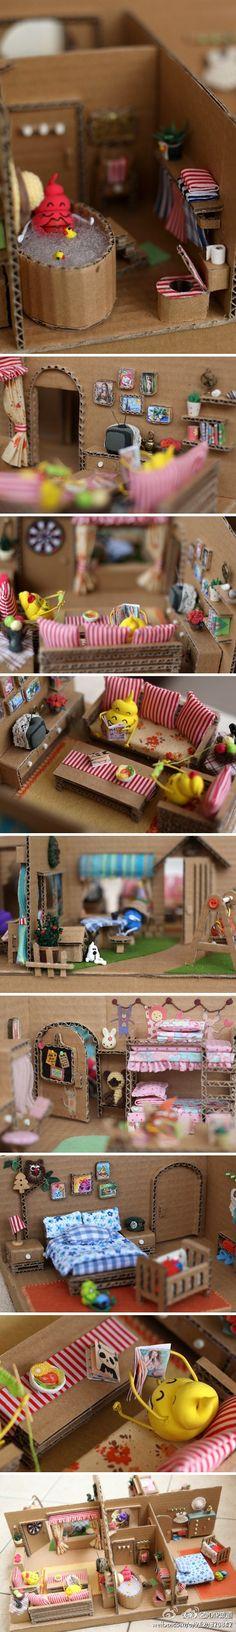 cute cardboard dollhouse!